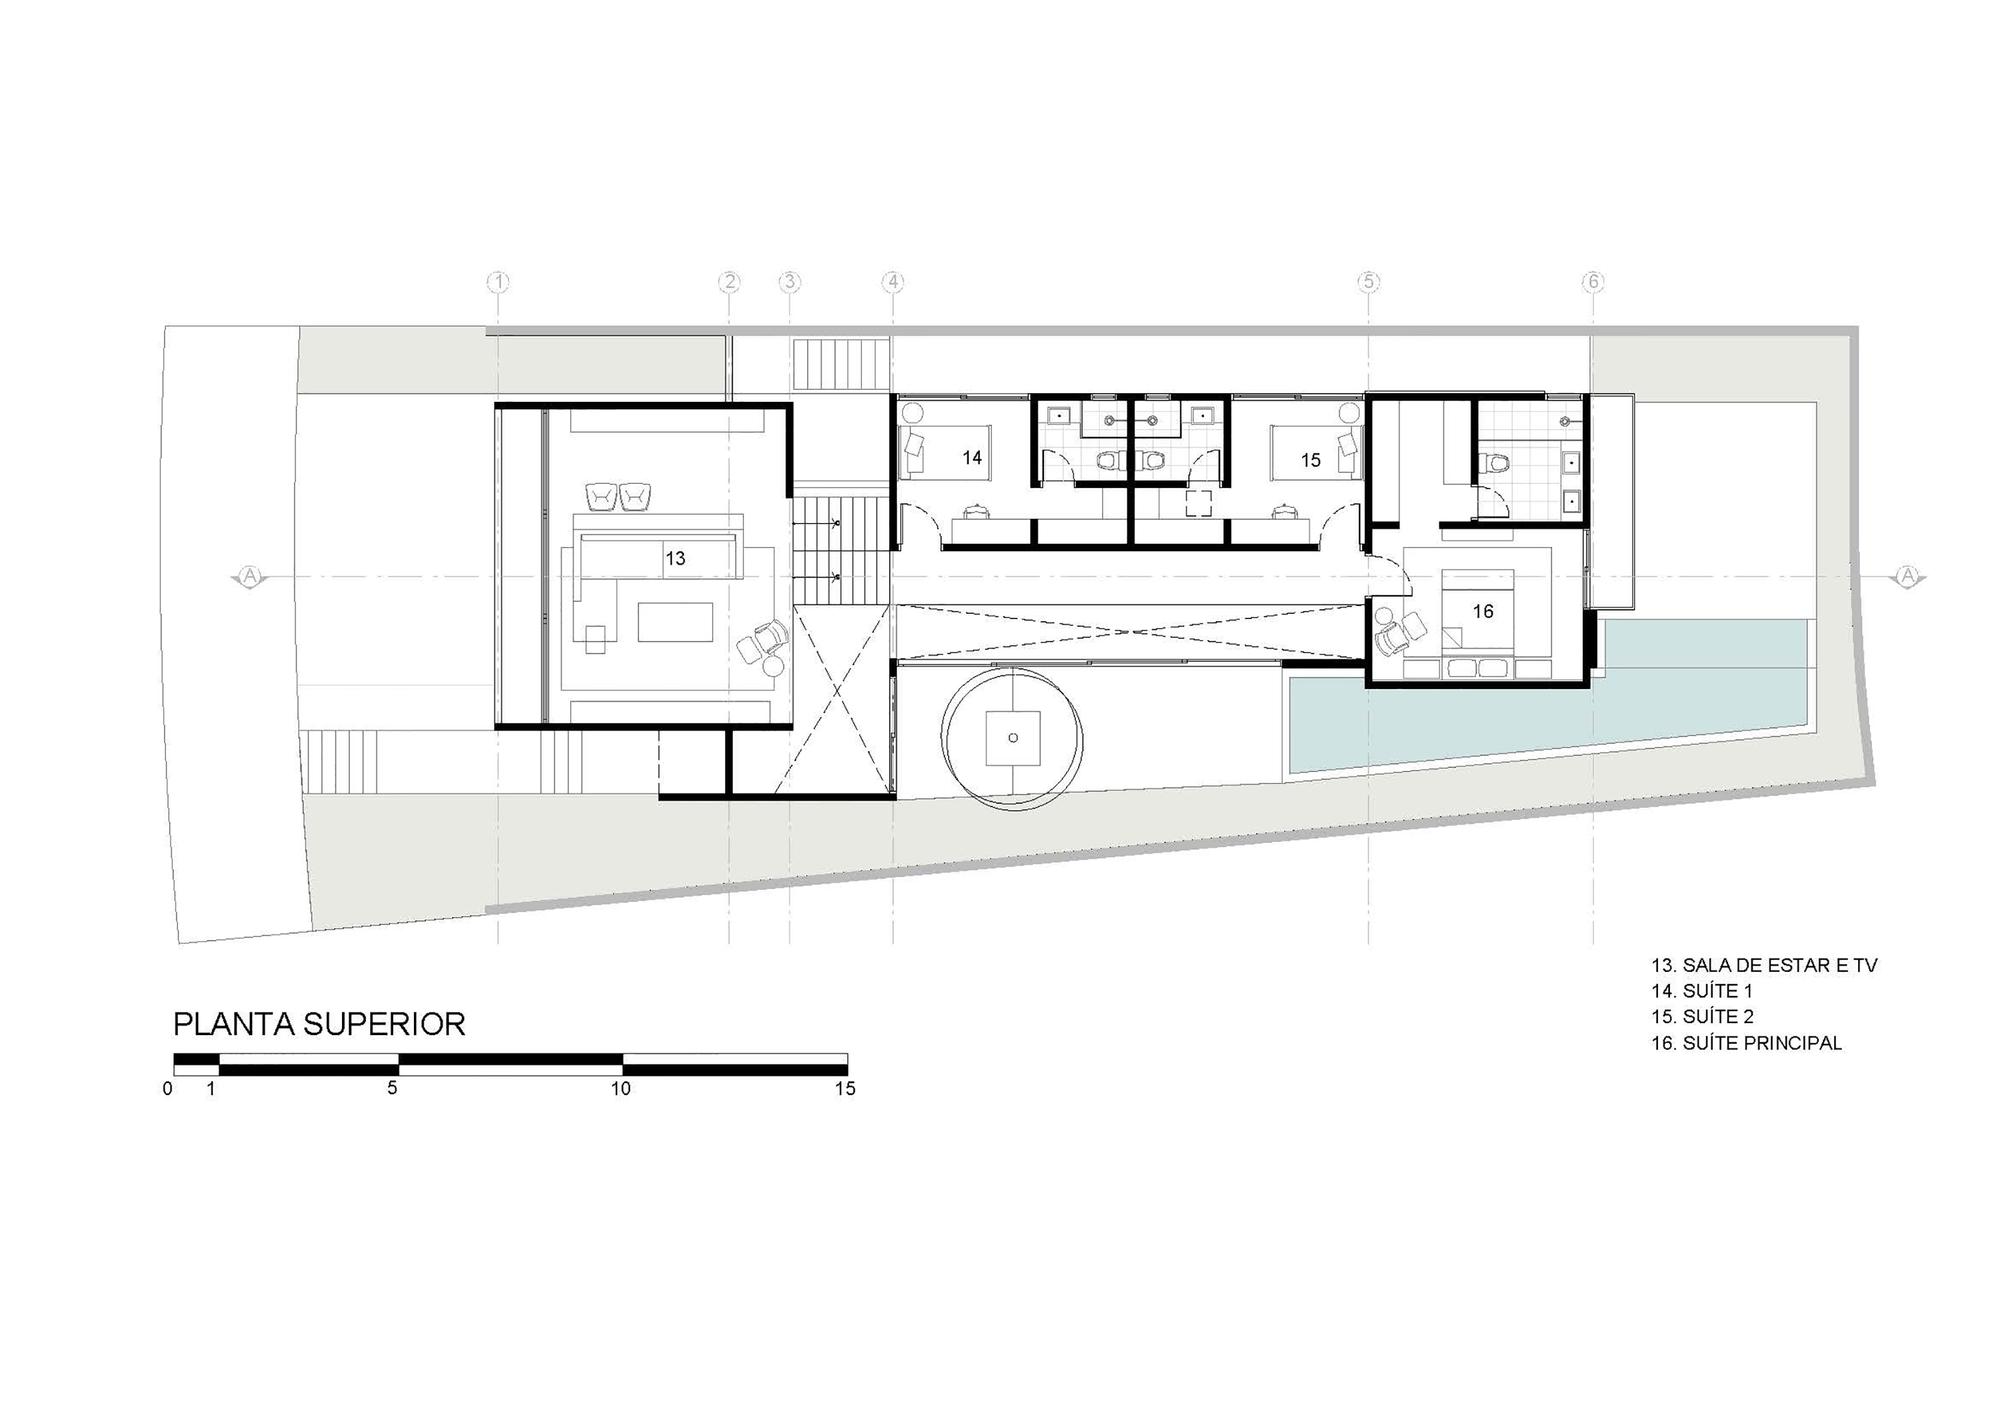 diseño de moderna casa de dos pisos más planos fachada con un